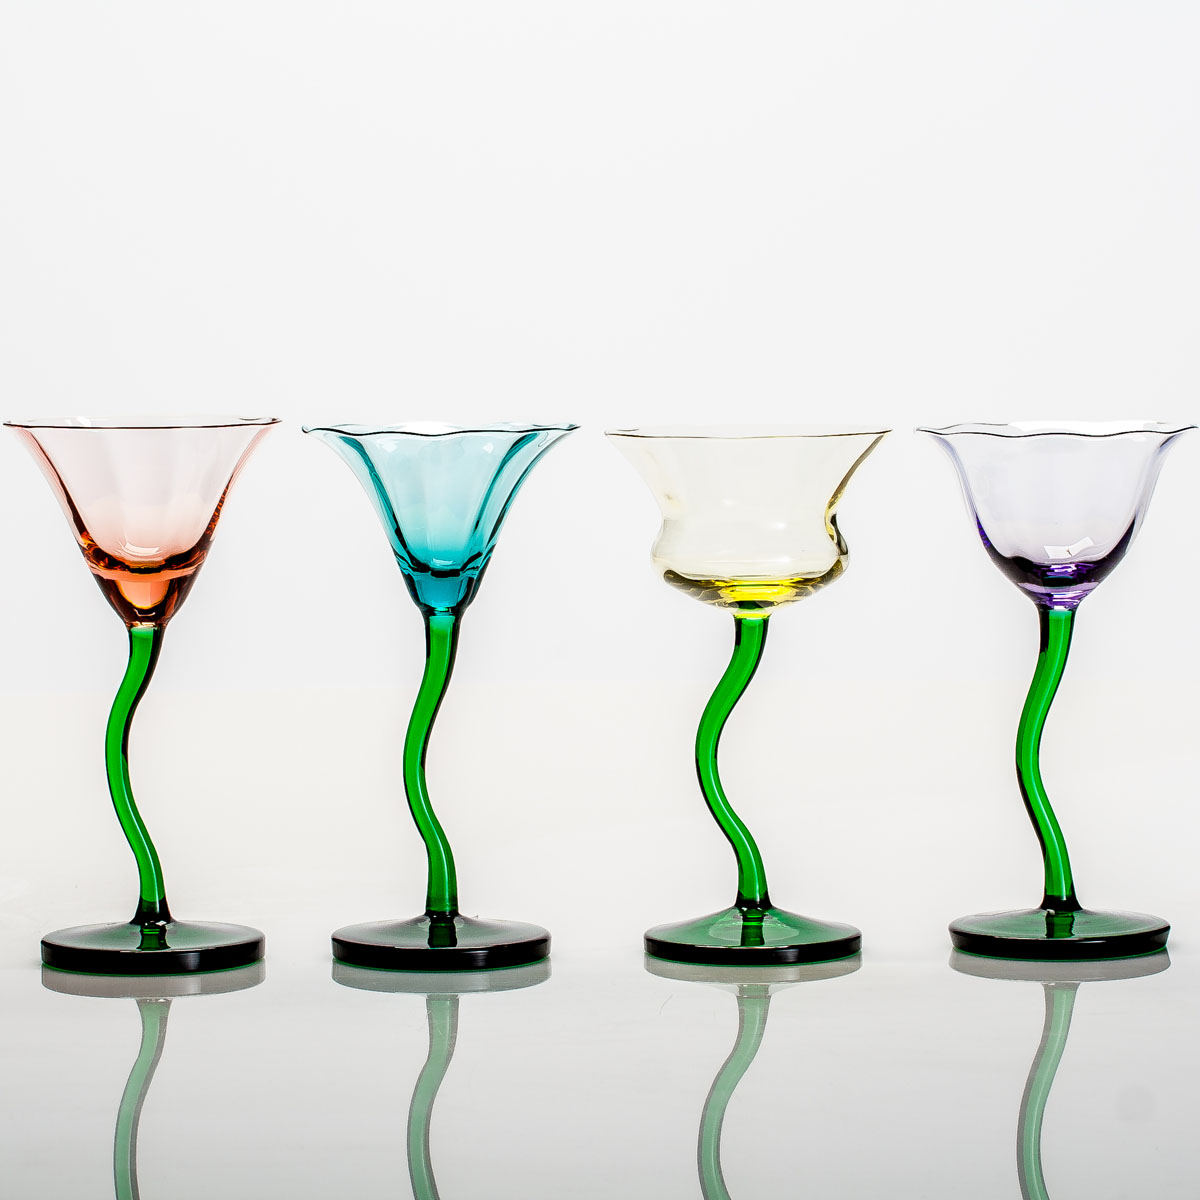 """Набор фужеров для мартини """"Цветы"""", состоящий из четырех фужеров,  несомненно, придется вам по душе. Они изготовлены из прочного  высококачественного прозрачного стекла. Фужеры сочетают в себе элегантный  дизайн и функциональность. Благодаря такому набору пить напитки будет еще  вкуснее."""